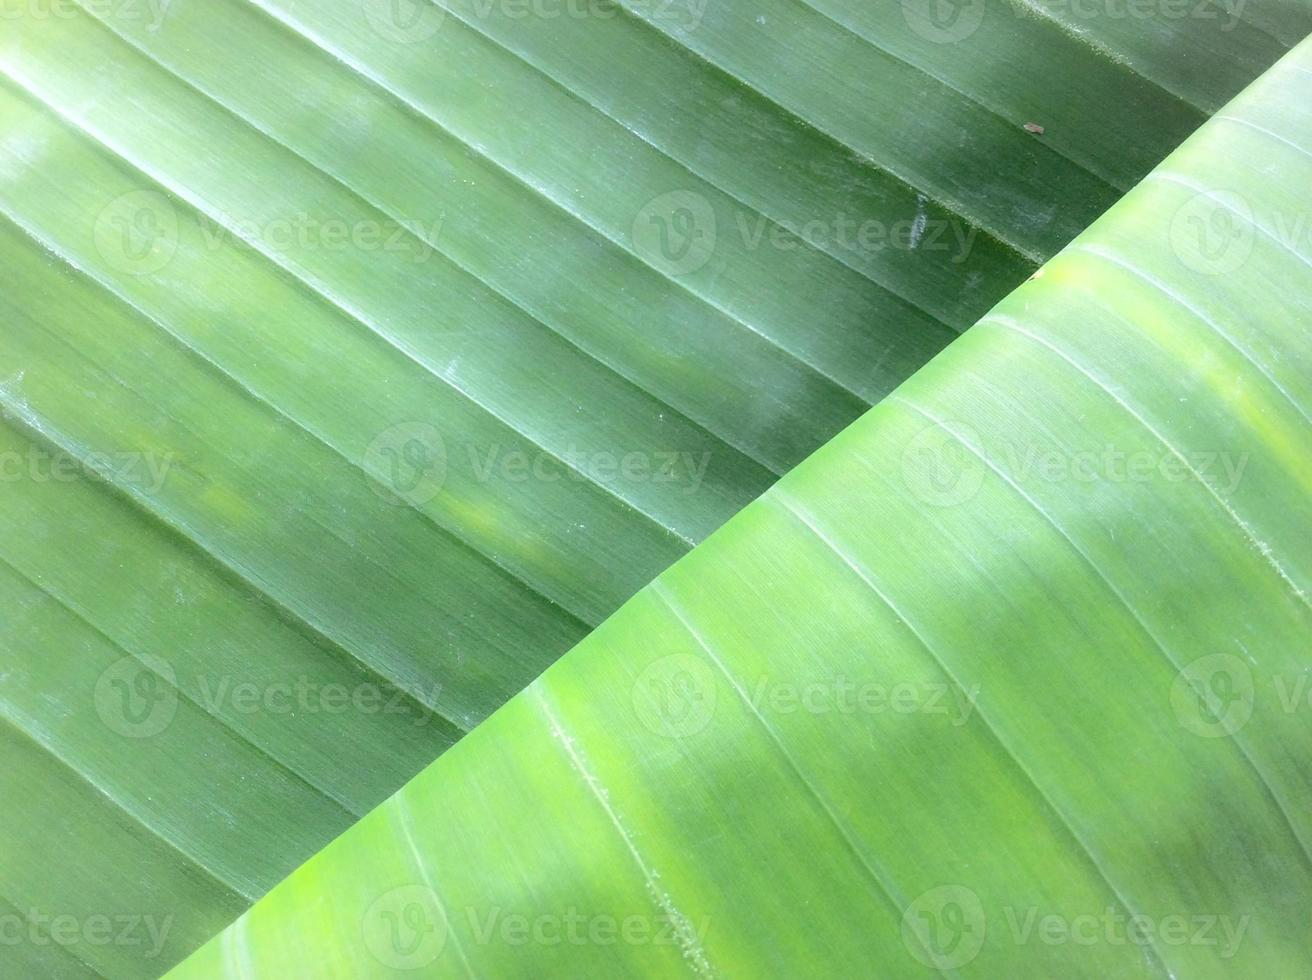 feuilles de banane photo